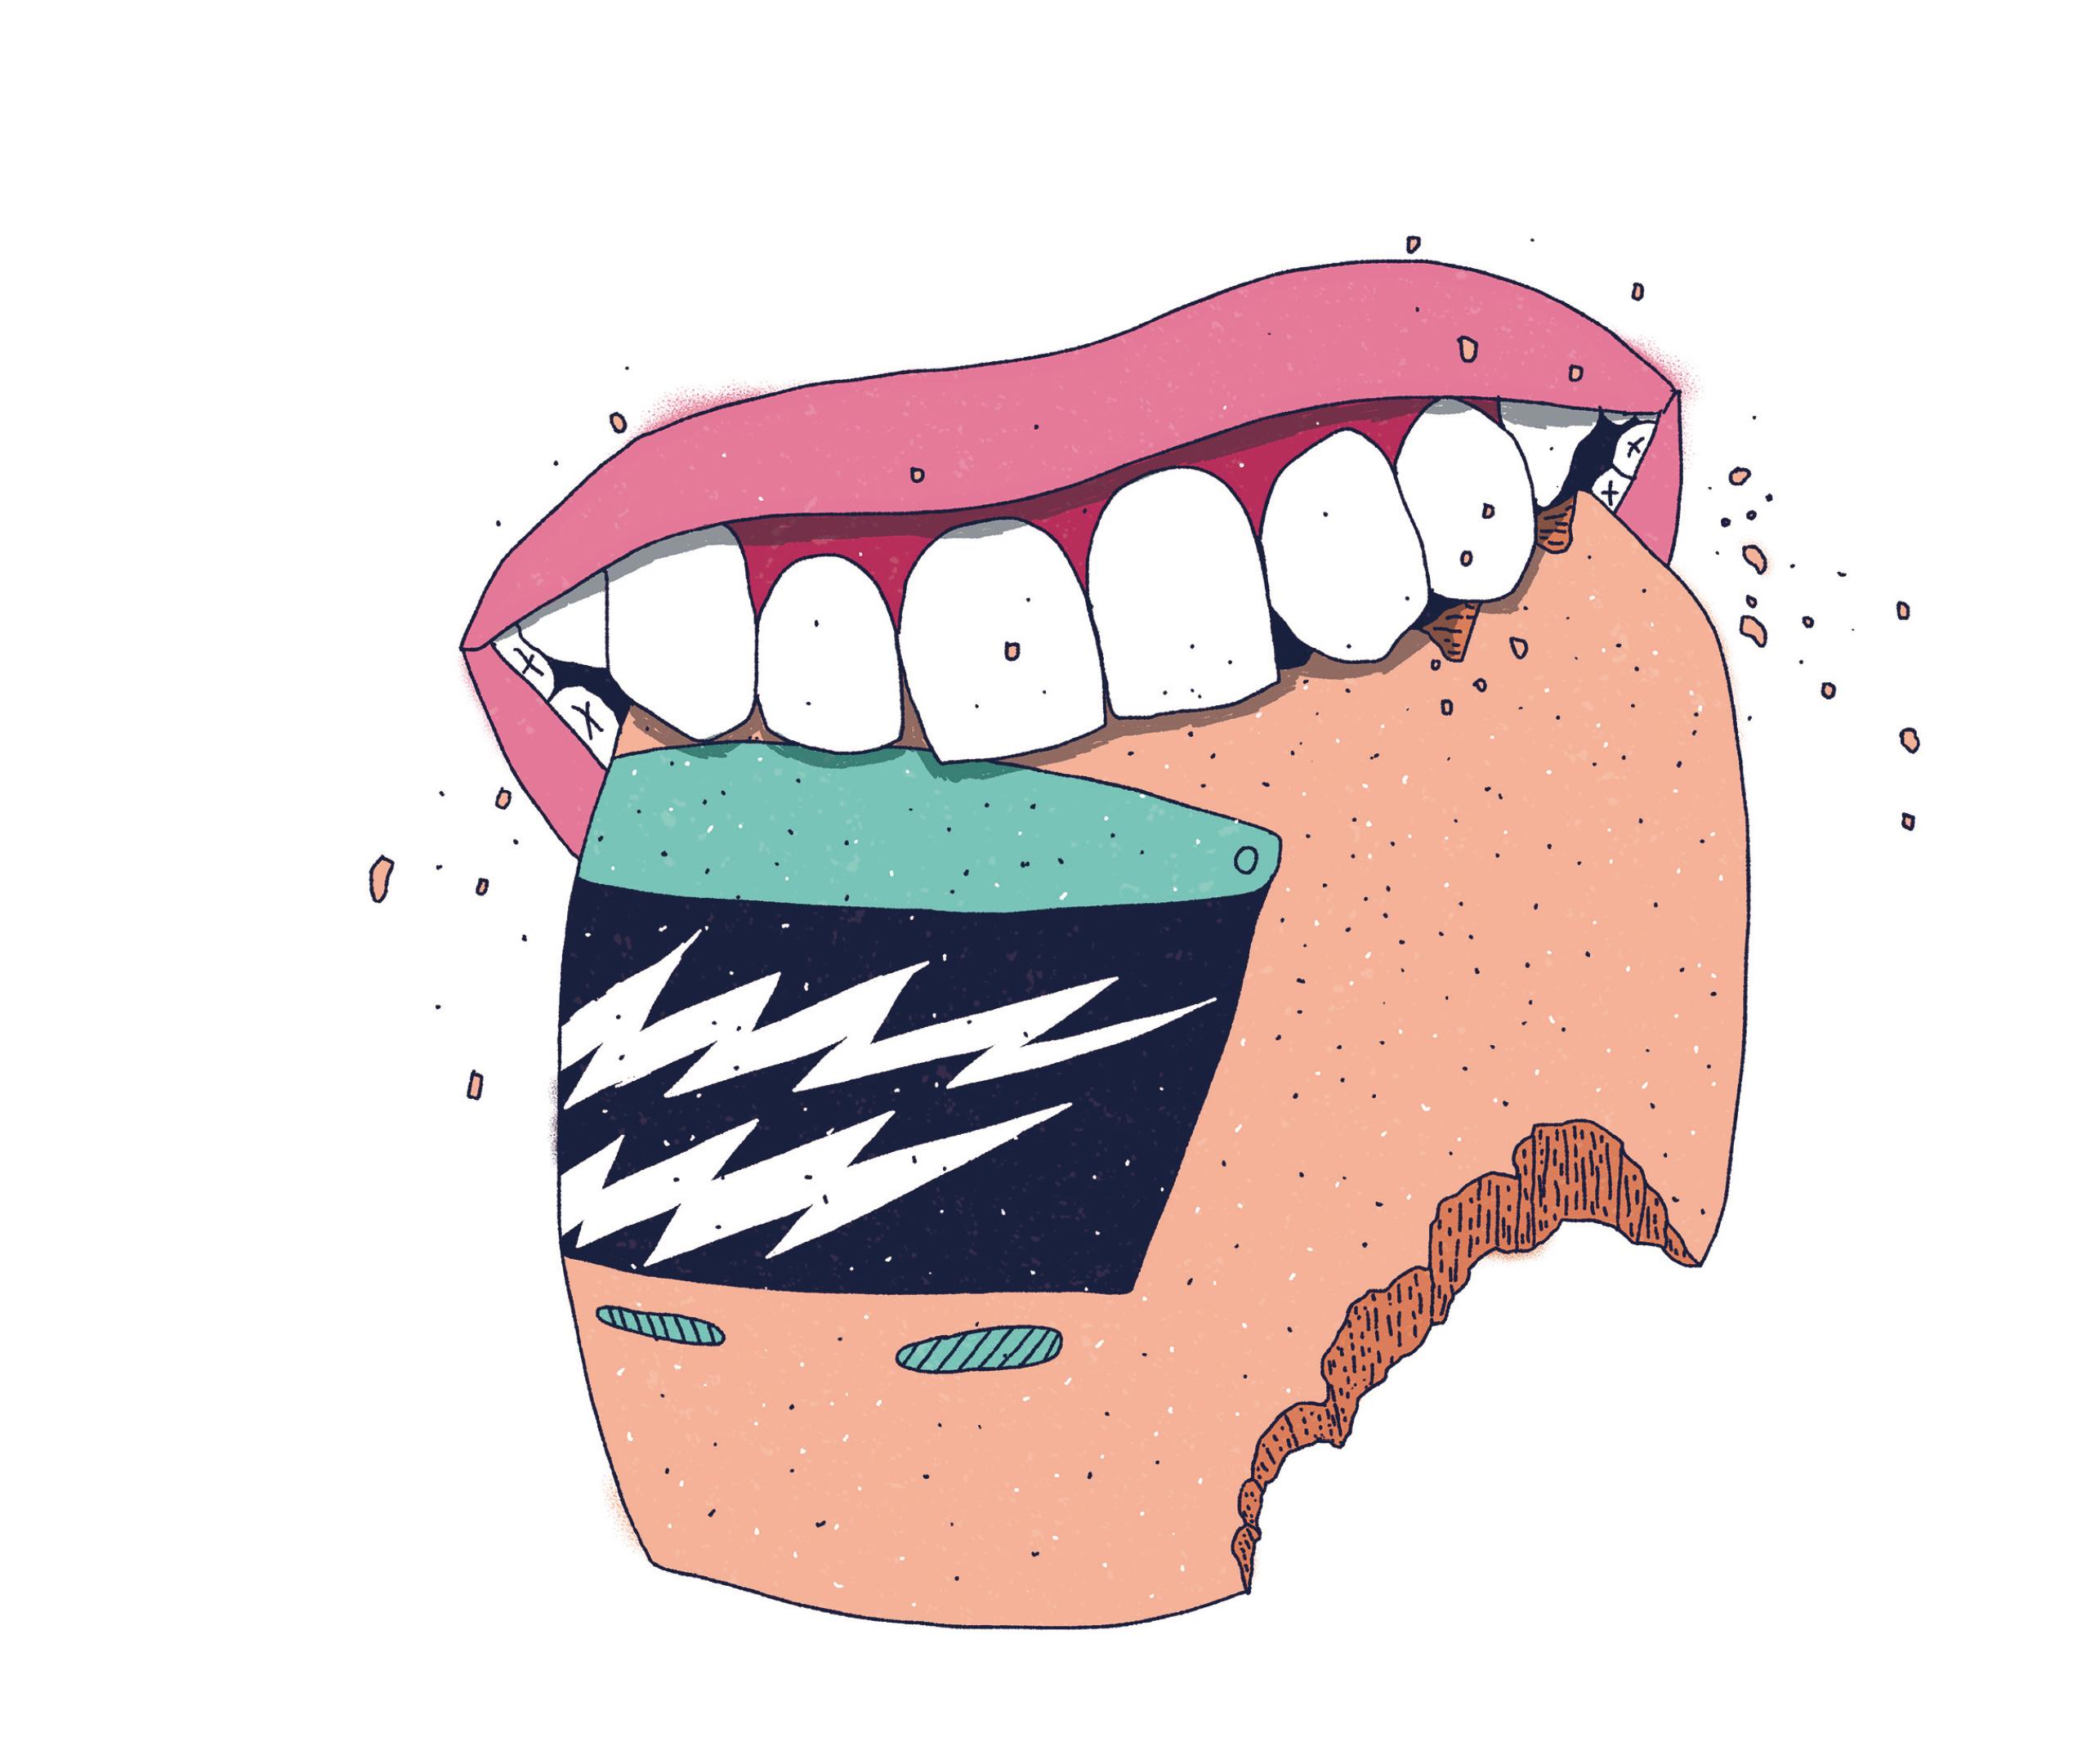 Ilustración de Joan X. Vázquez (Xalapa, 1985)